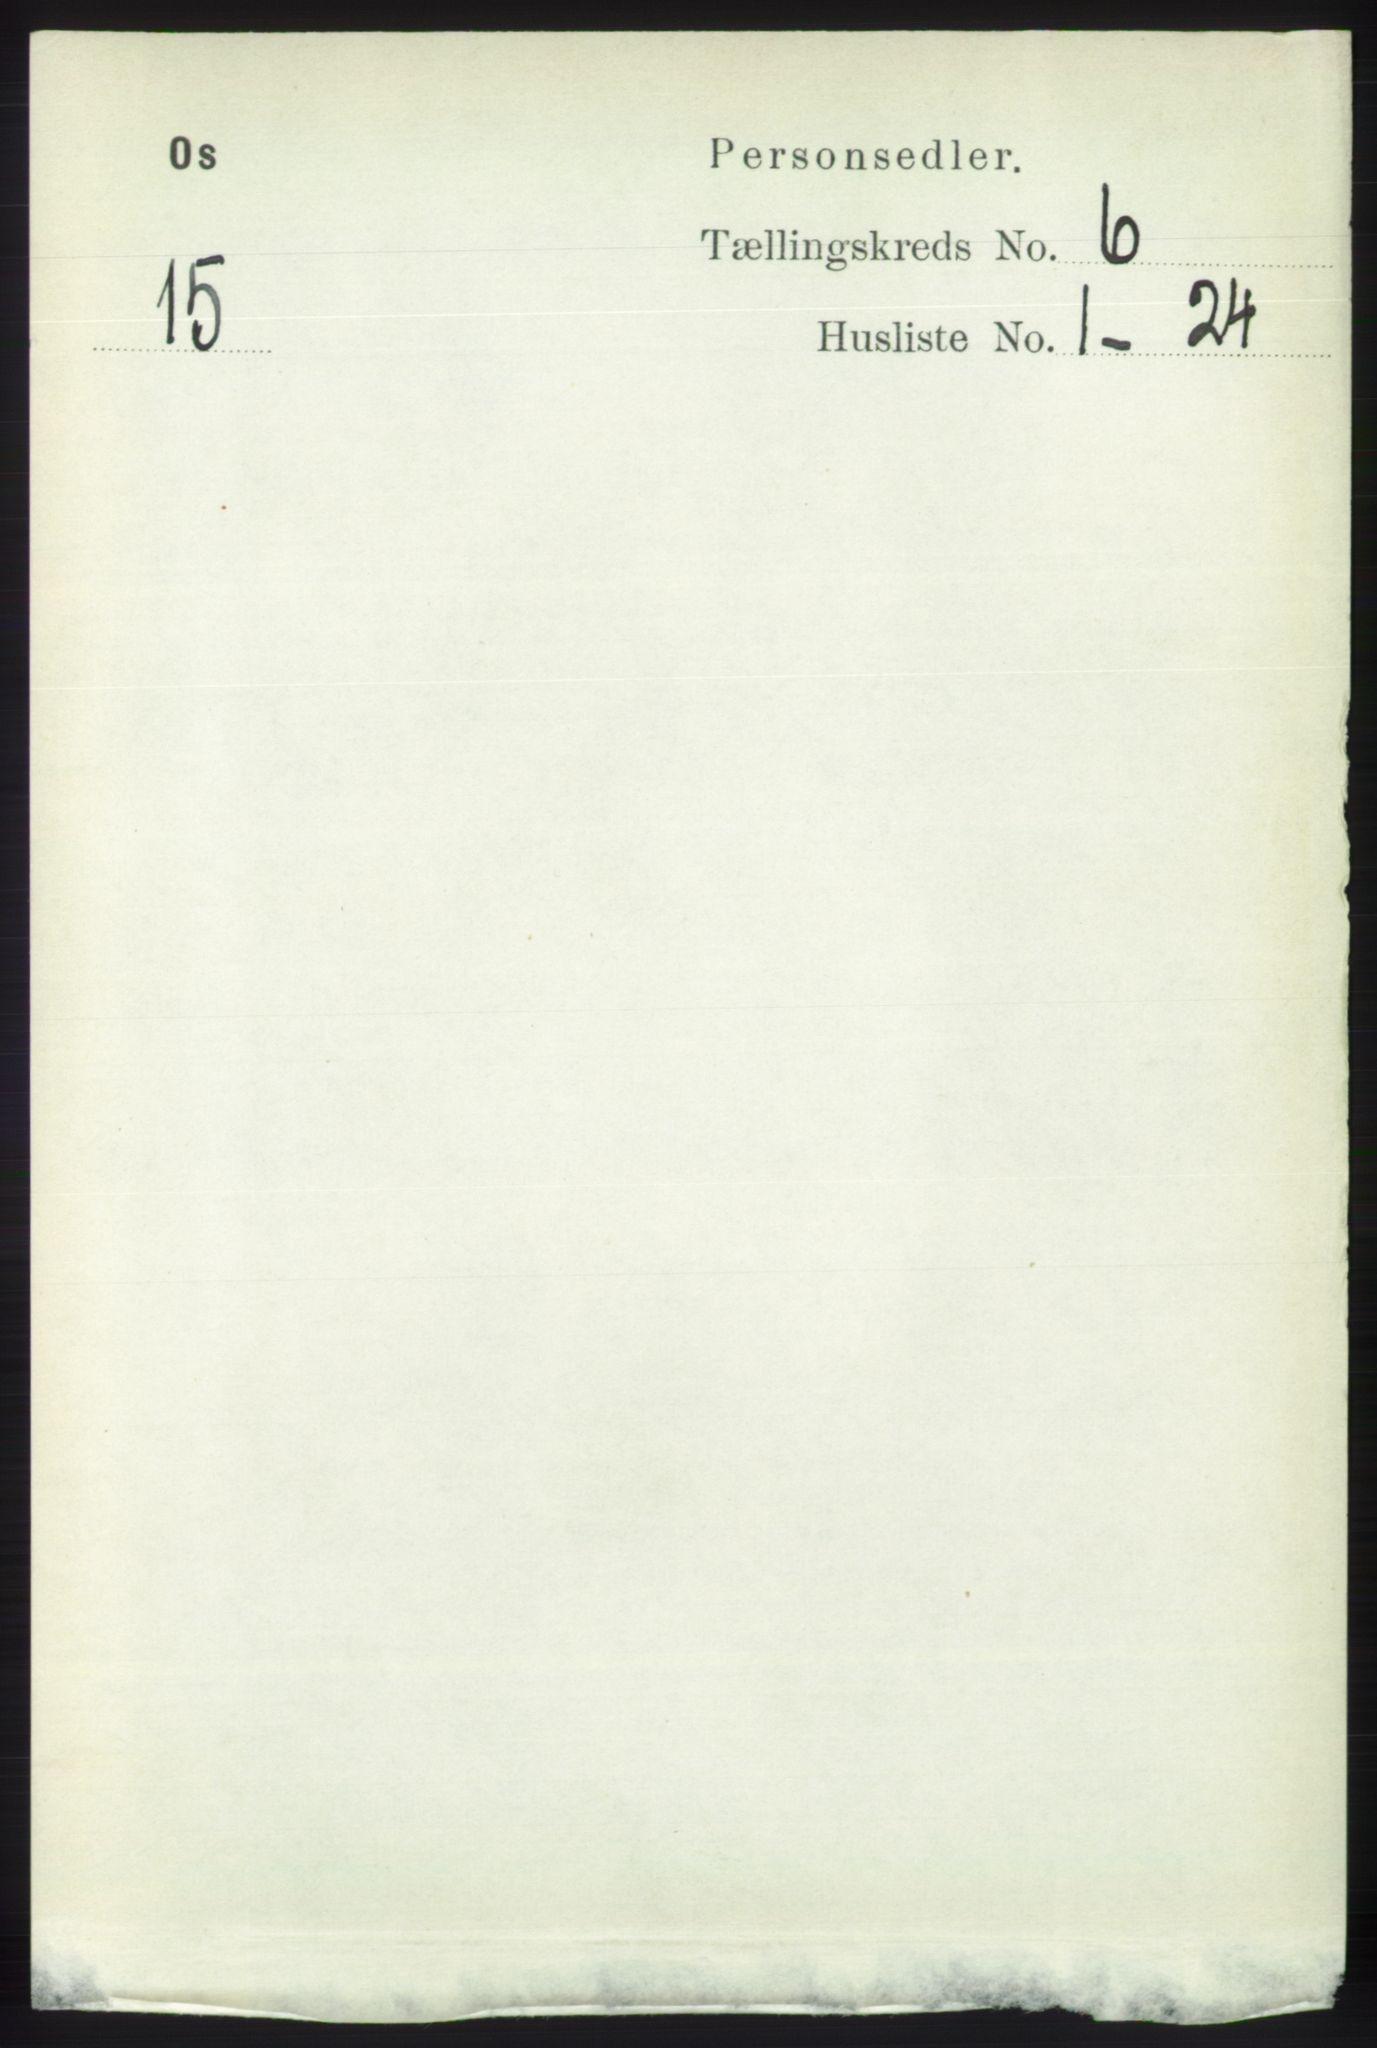 RA, Folketelling 1891 for 1243 Os herred, 1891, s. 1429